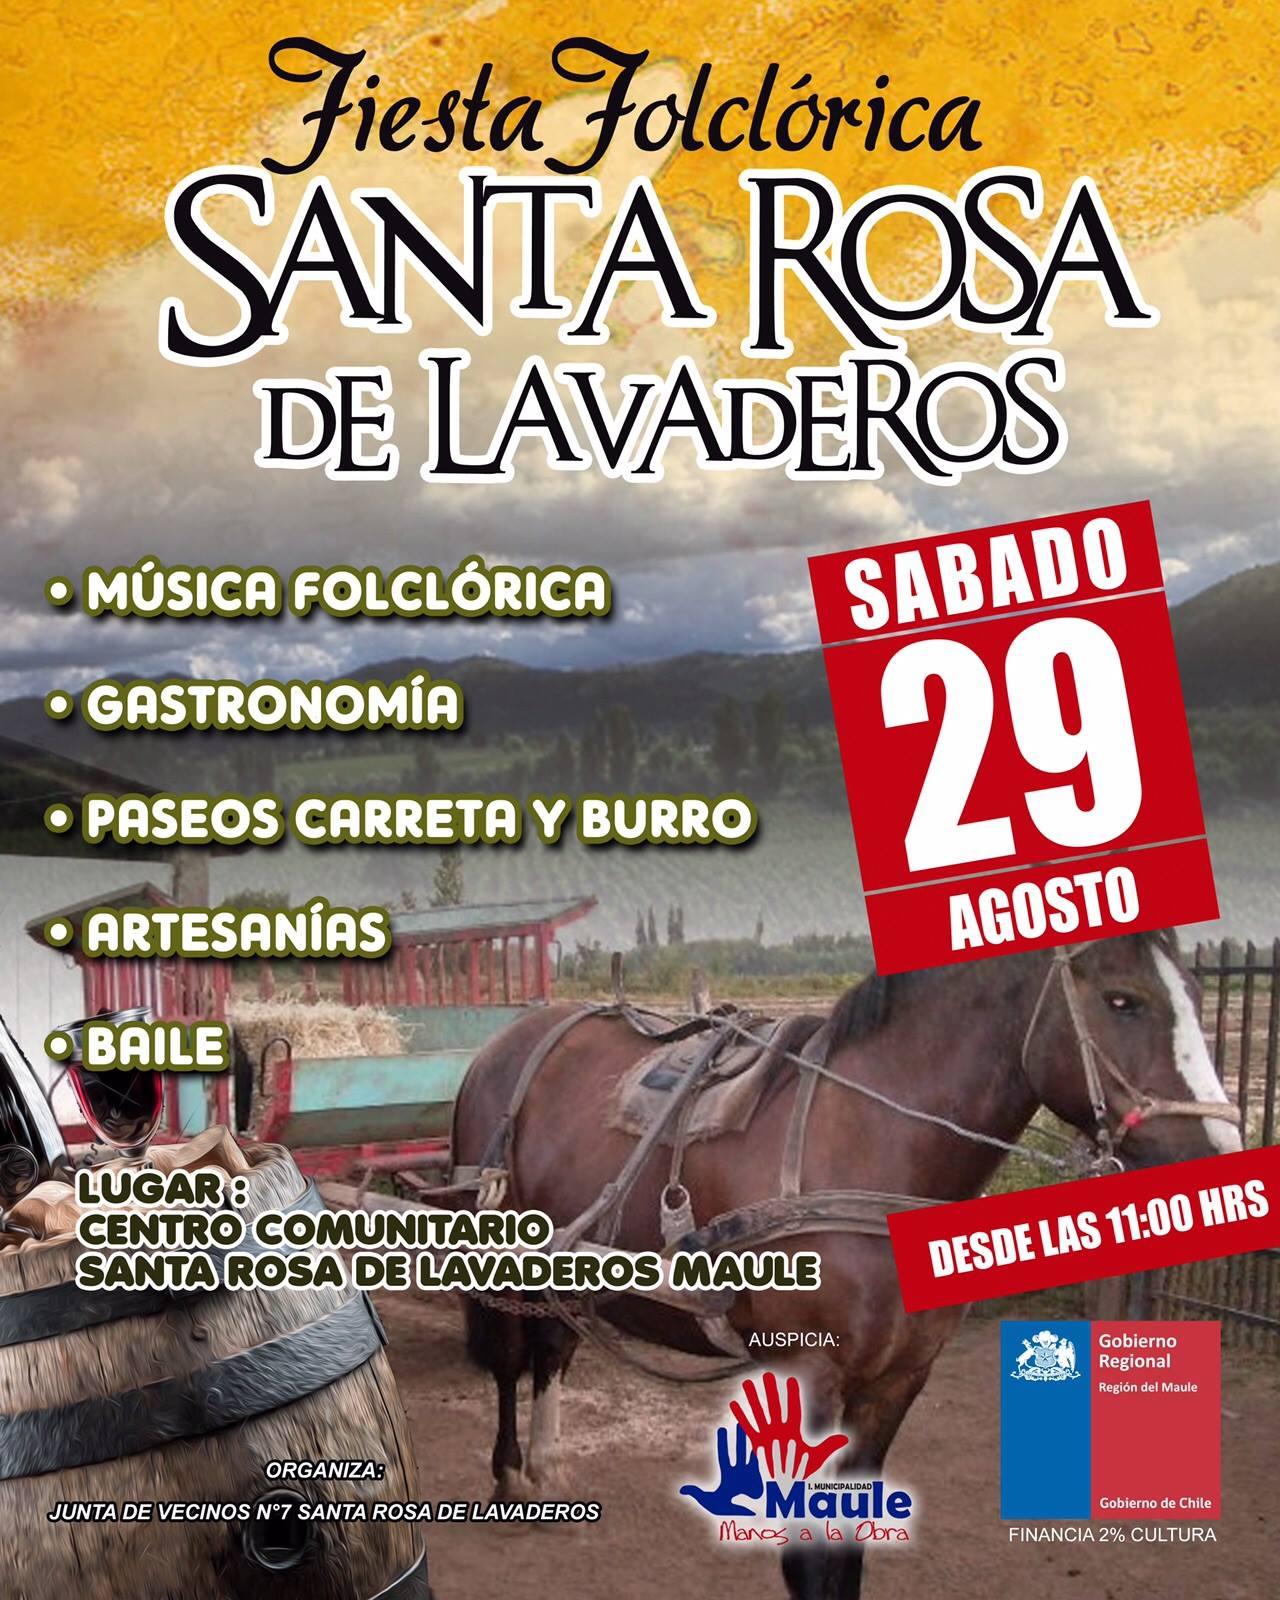 Santa Rosa de Lavaderos vivirá su fiesta costumbrista